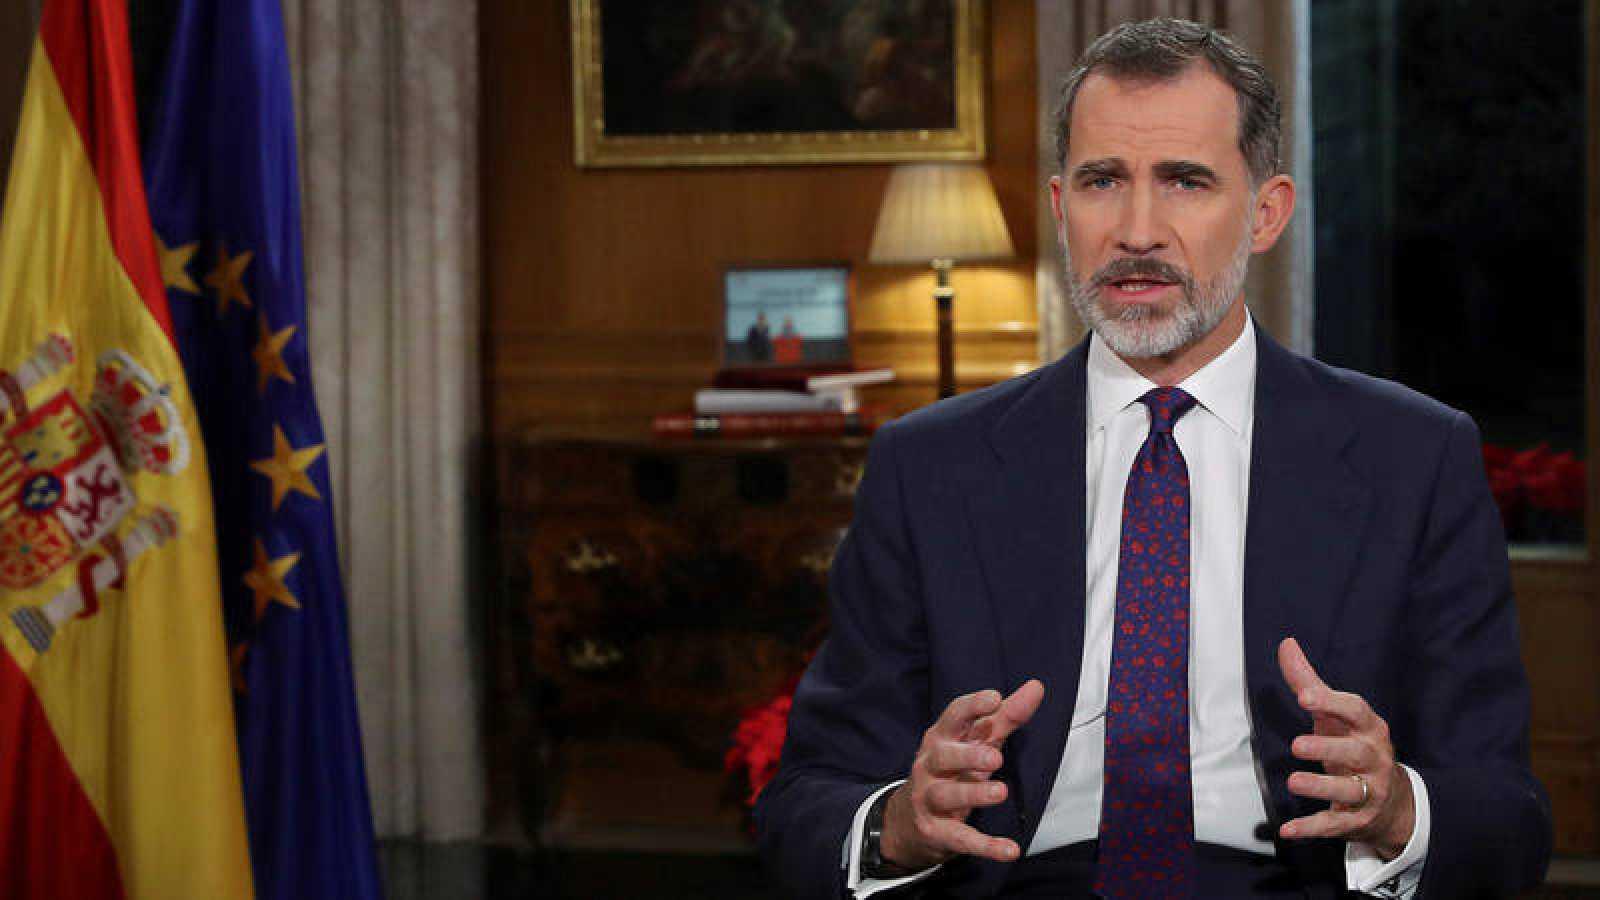 El rey Felipe pronuncia el tradicional mensaje de Navidad desde el Palacio de La Zarzuela